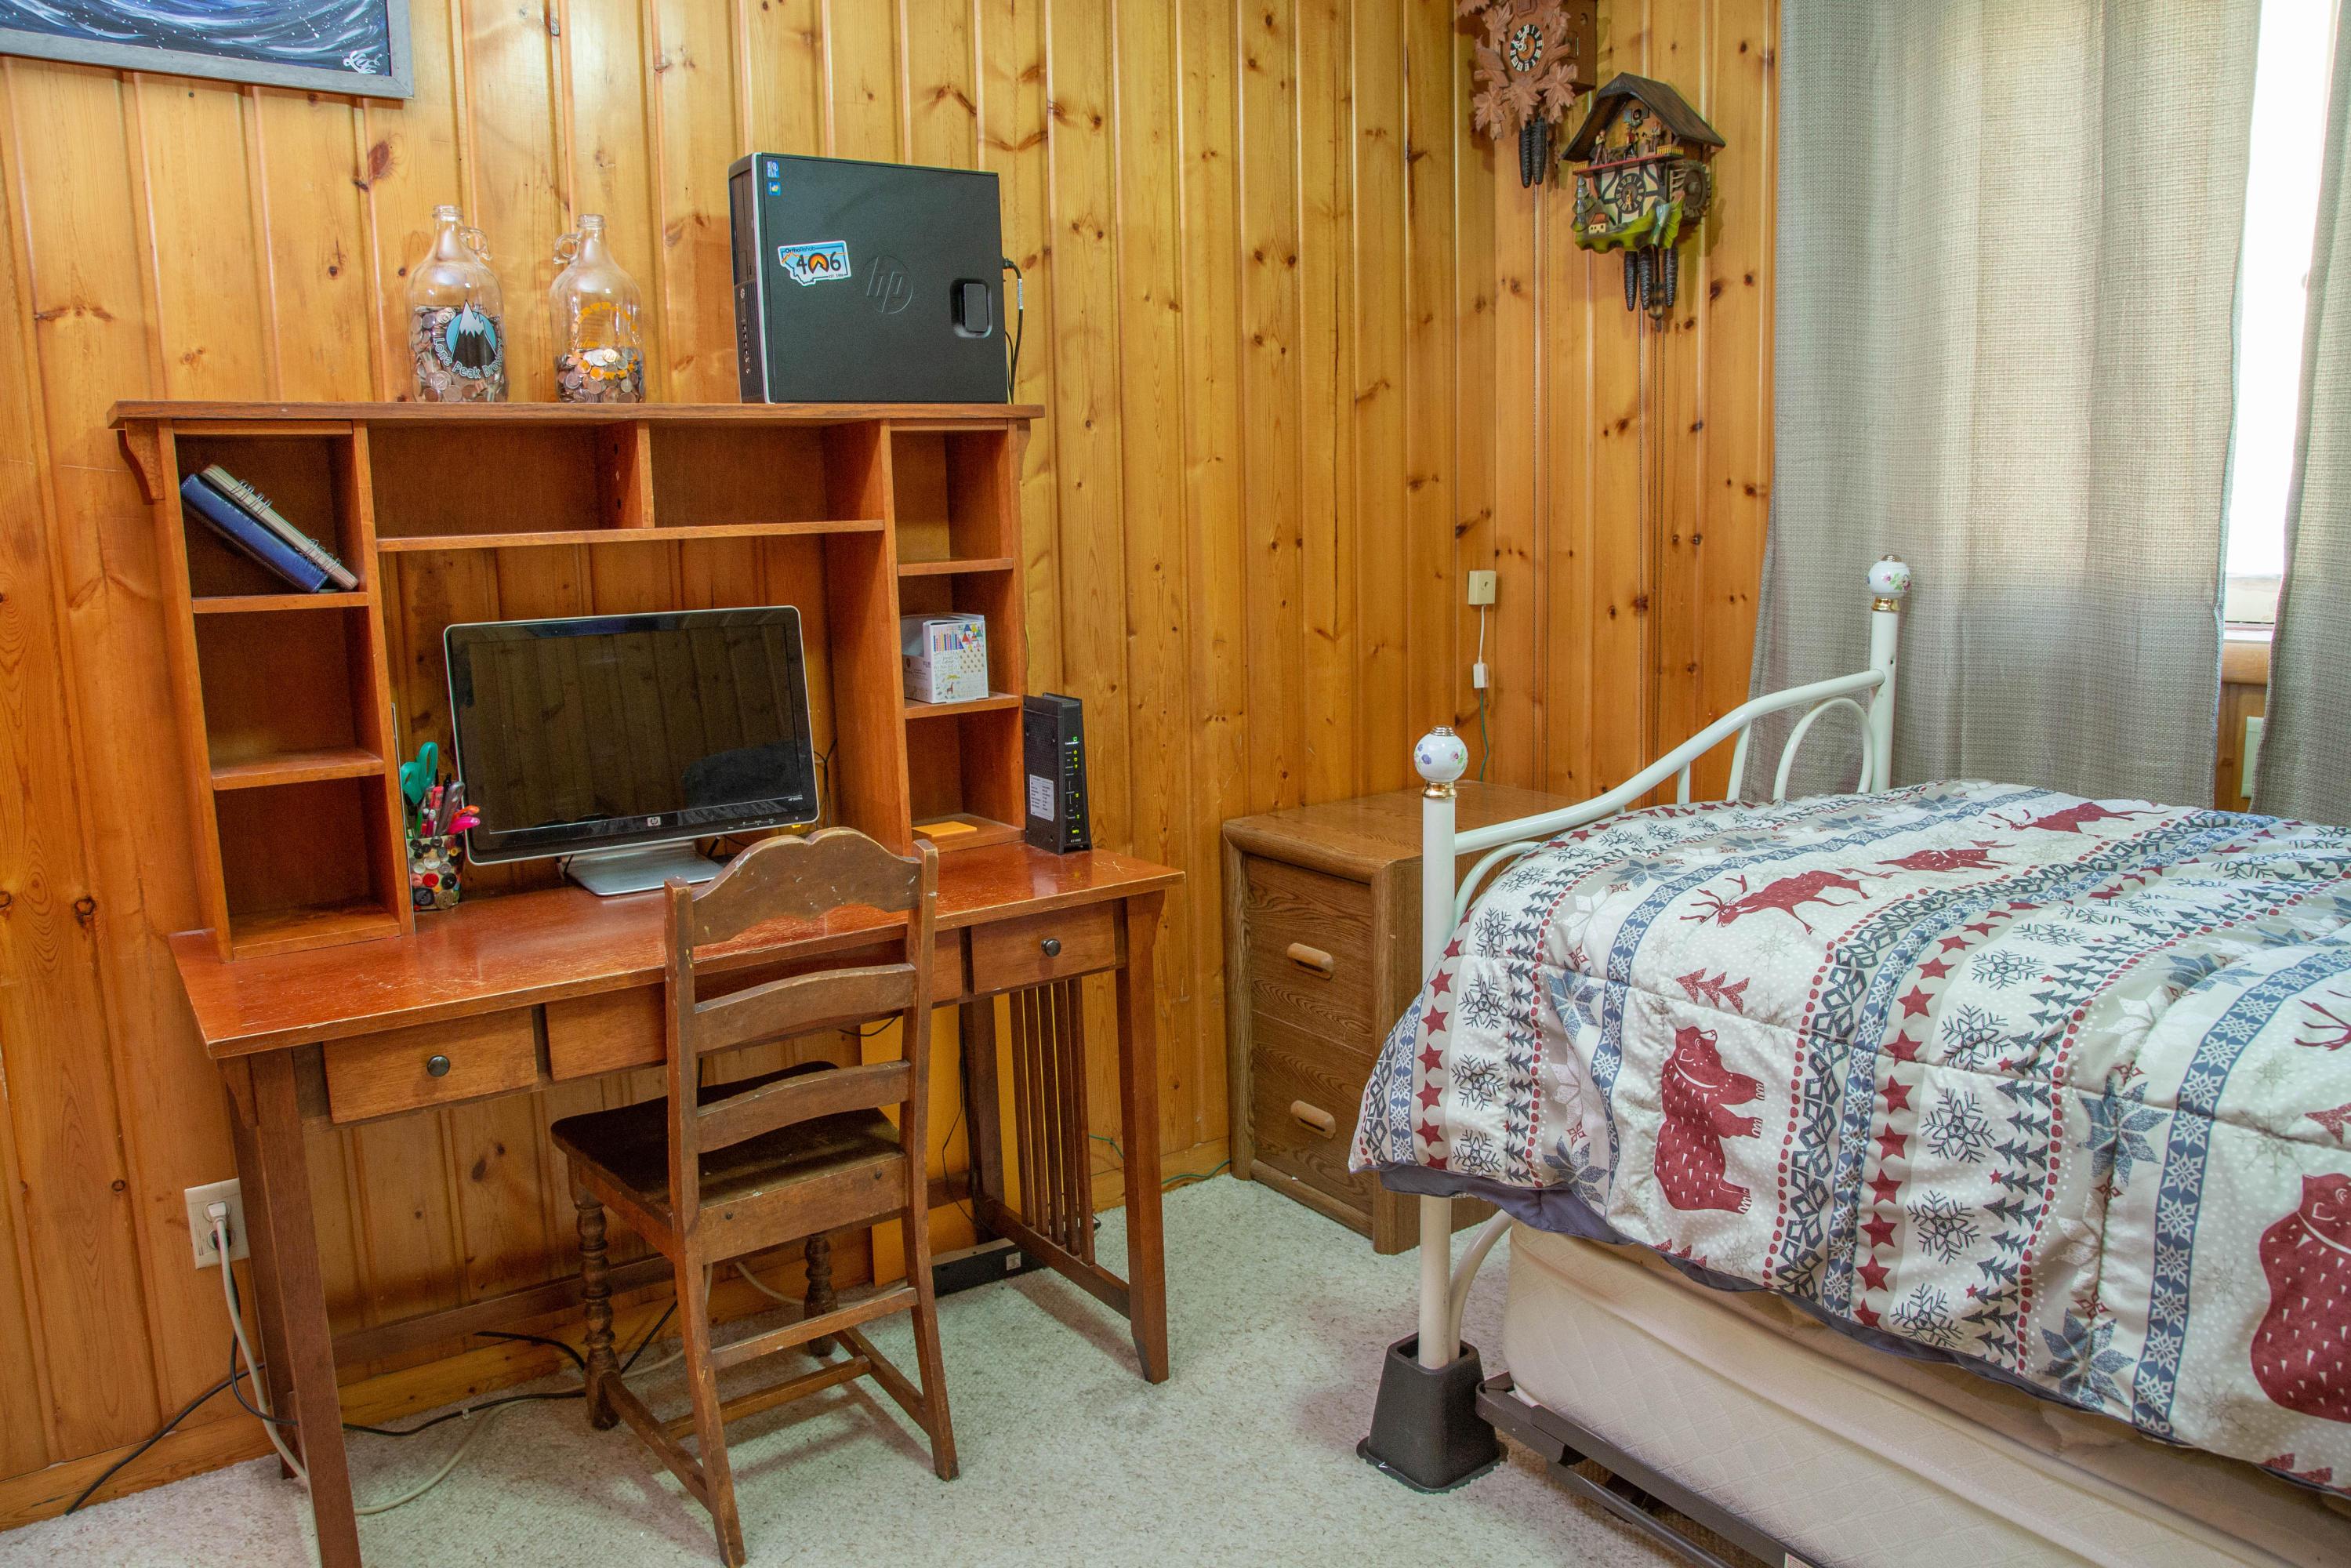 BEDROOM #3 (MAIN FLOOR)